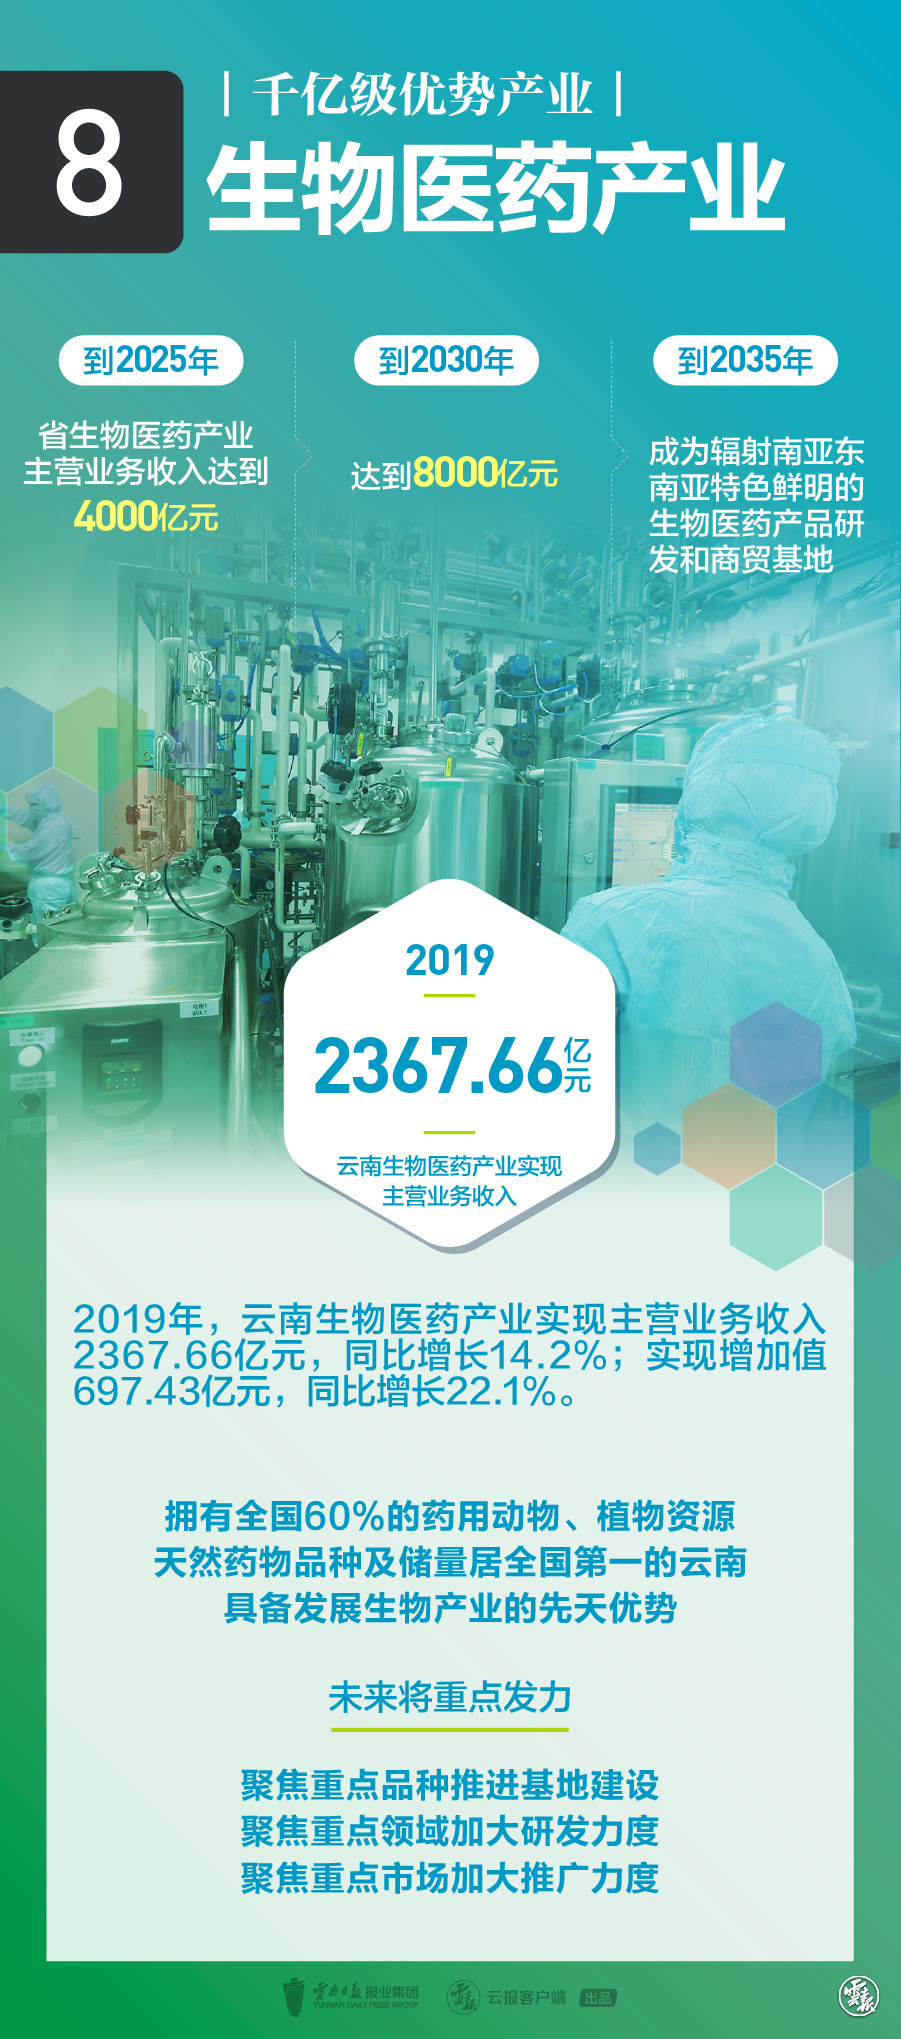 8 生物医药产业.jpg